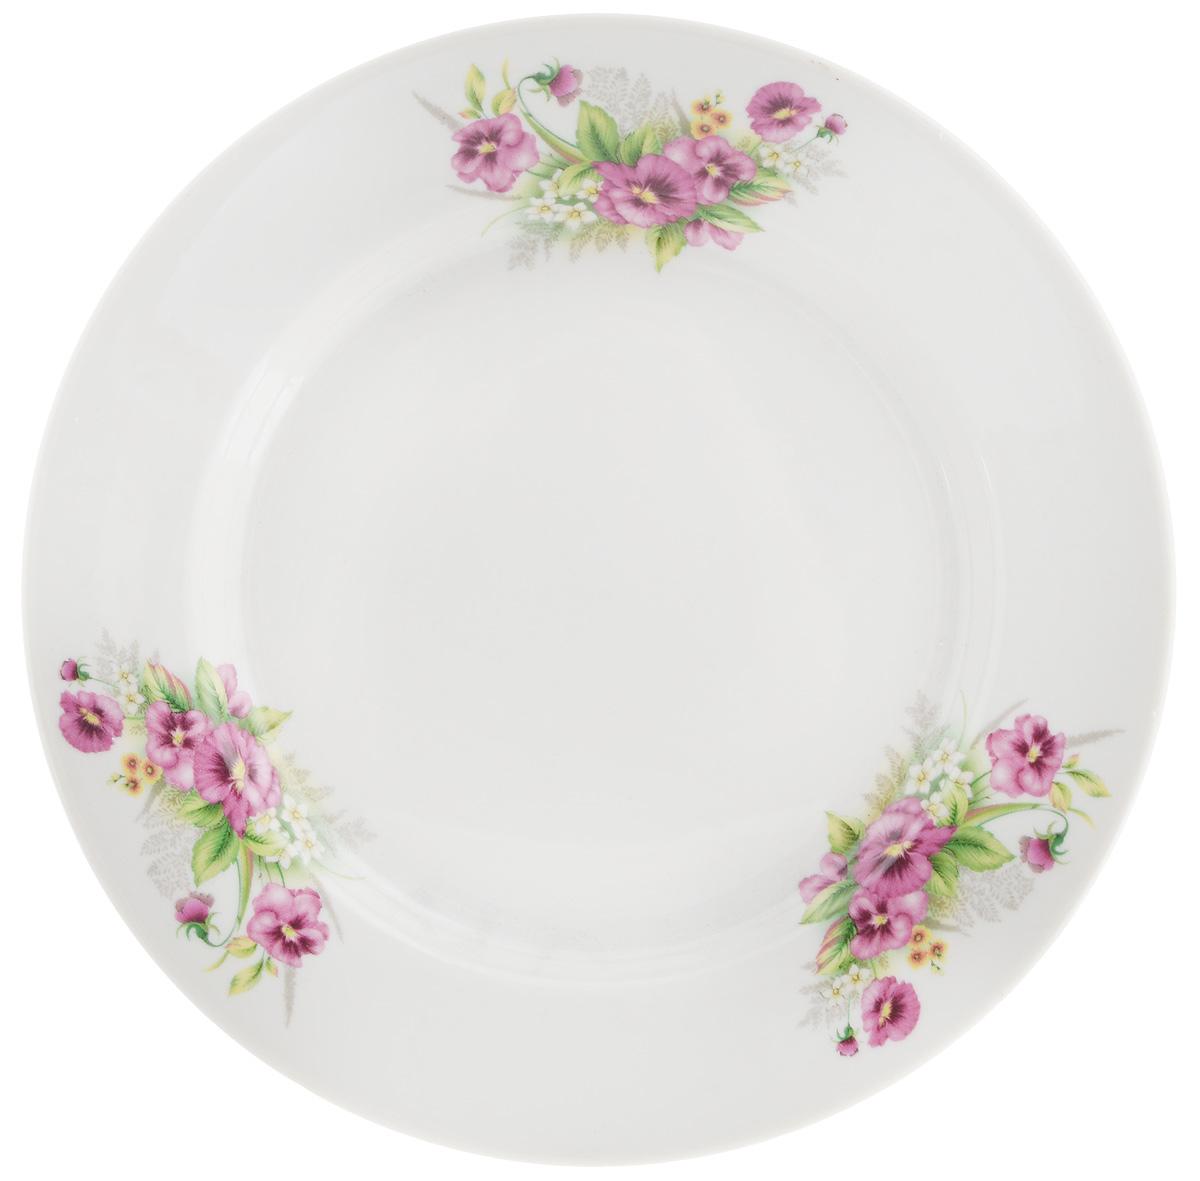 Тарелка десертная Фарфор Вербилок Виола, диаметр 20 см8090750Десертная тарелка Фарфор Вербилок Виола, изготовленная из фарфора. Такая тарелка прекрасно подходит как для торжественных случаев, так и для повседневного использования. Идеальна для подачи десертов, пирожных, тортов и многого другого. Она прекрасно оформит стол и станет отличным дополнением к вашей коллекции кухонной посуды. Диаметр тарелки (по верхнему краю): 20 см.